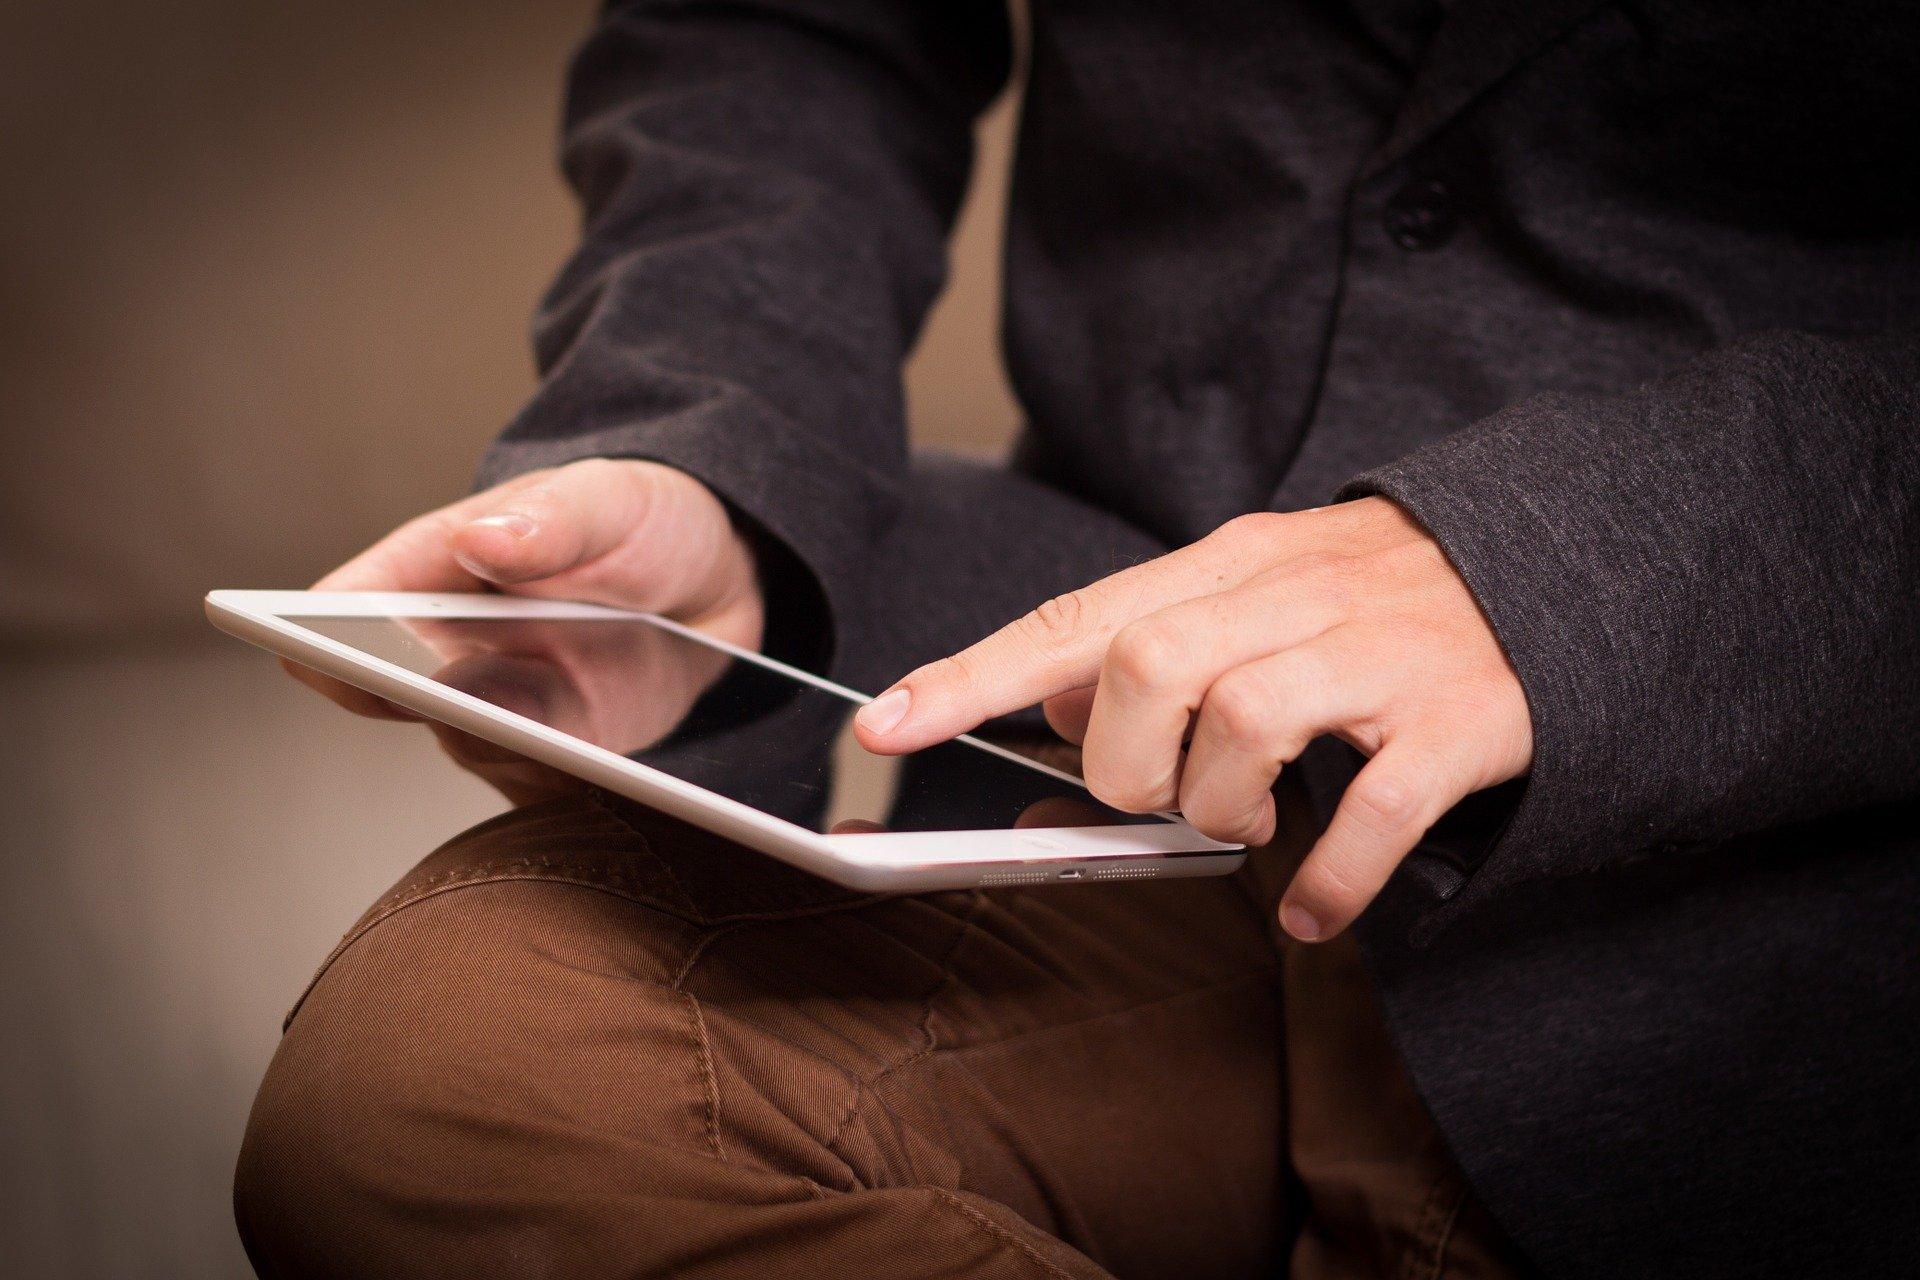 Homem manuseando um tablet.